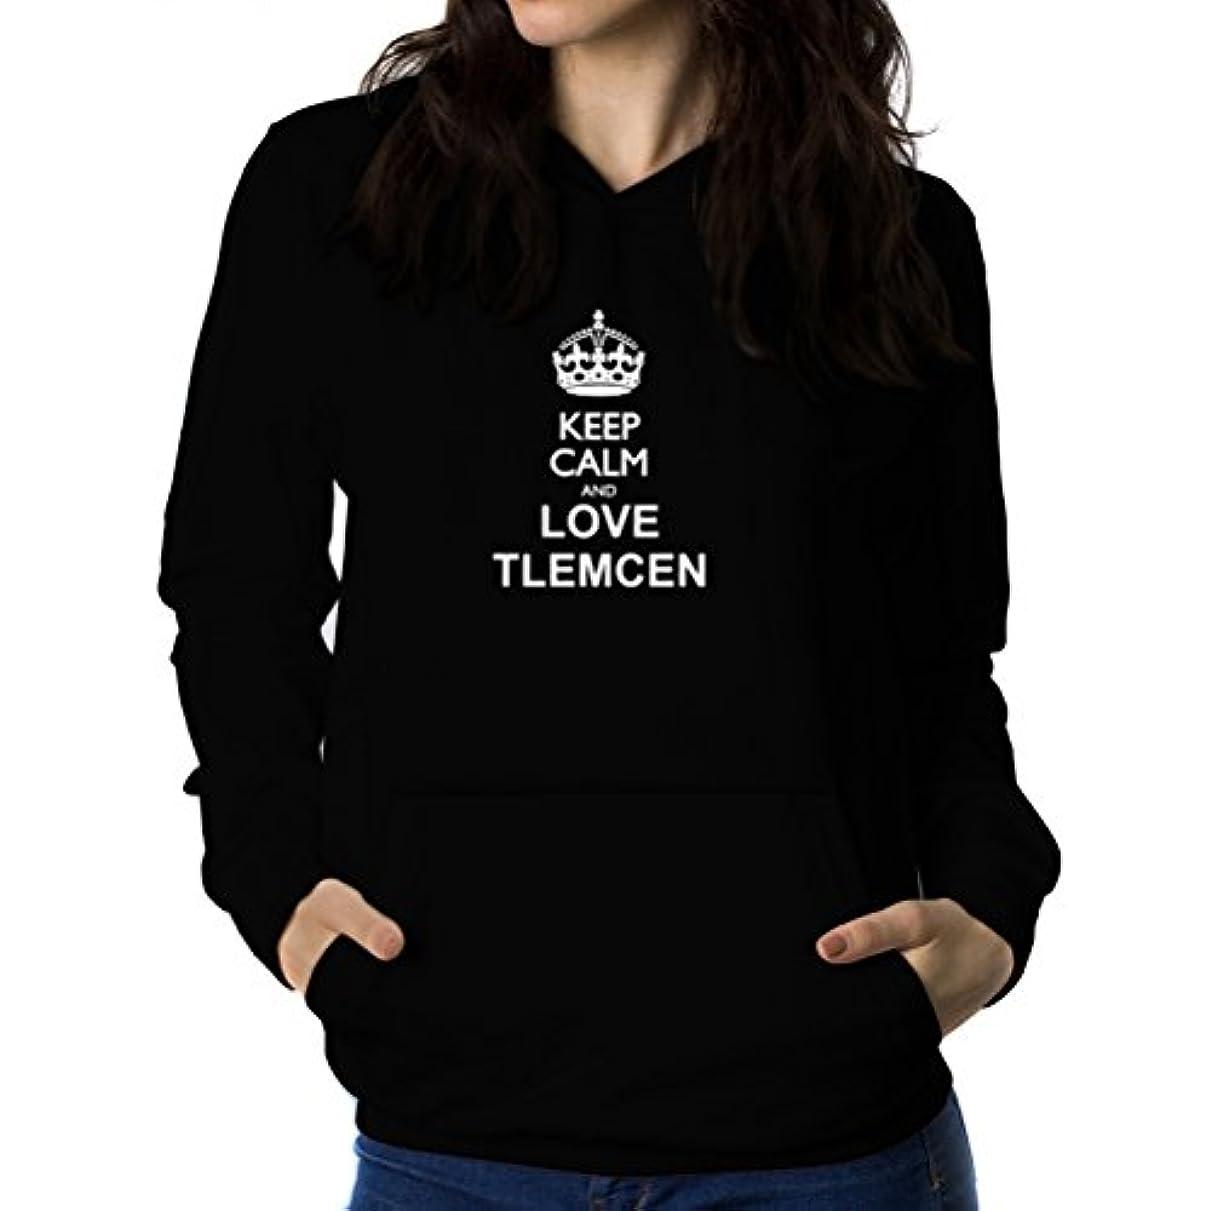 神聖固めるより多いKeep calm and love Tlemcen 女性 フーディー